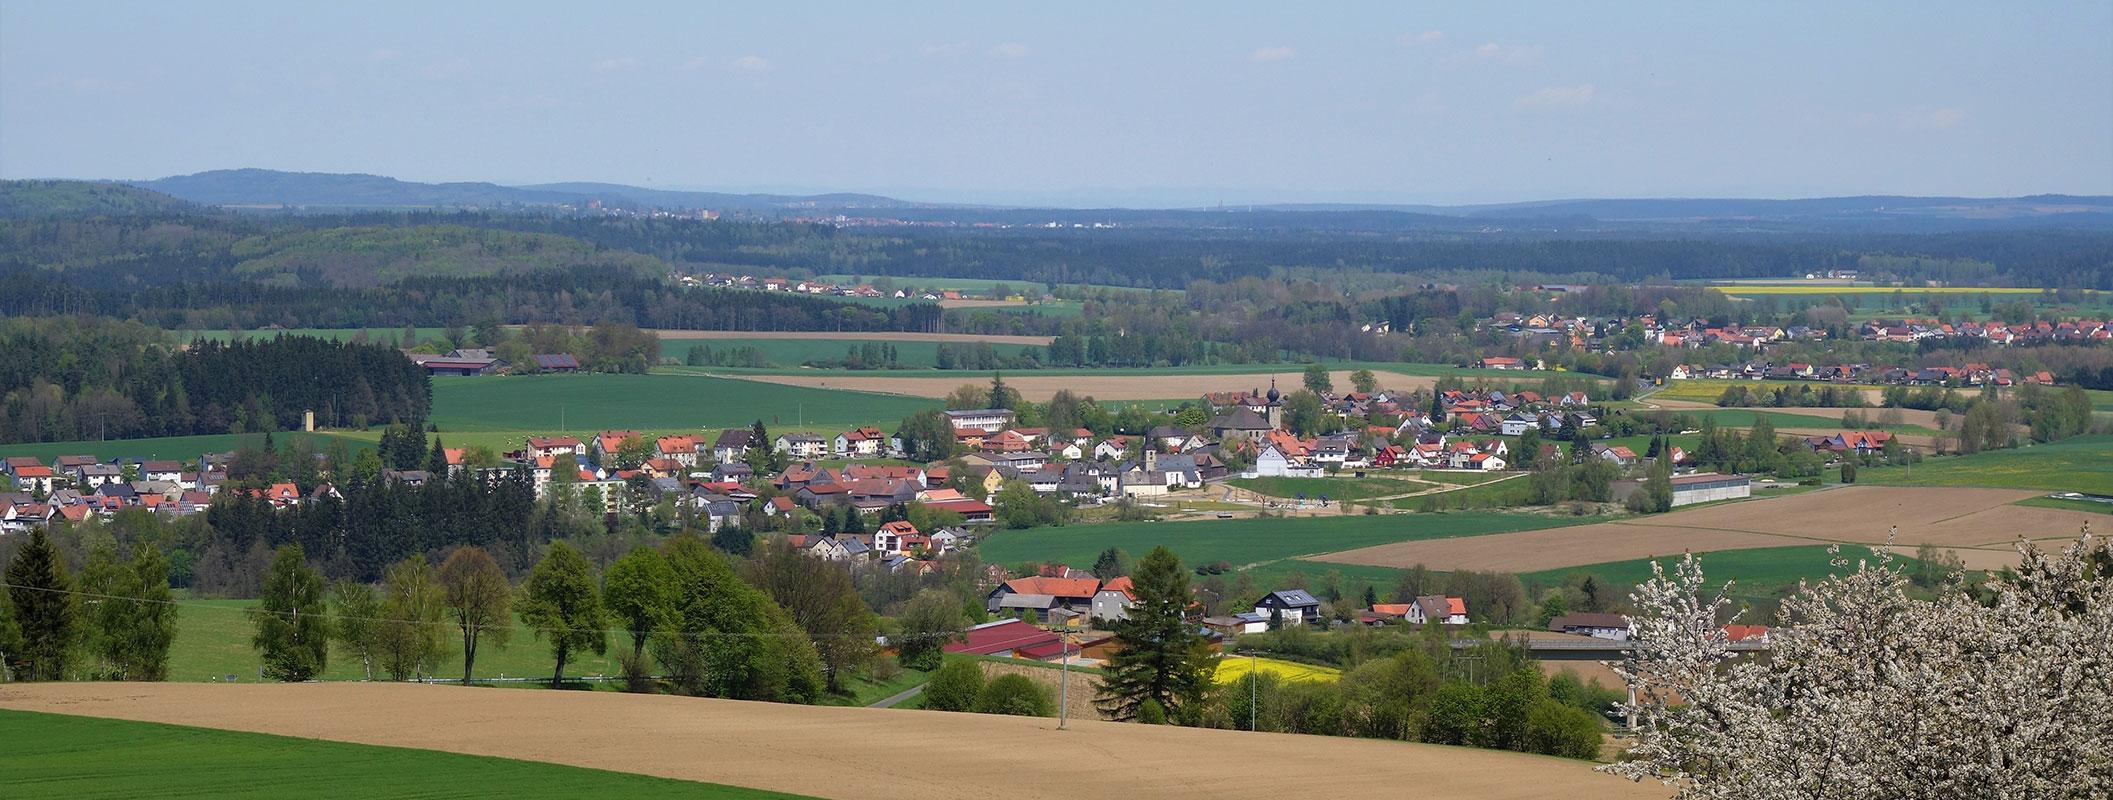 Dorf umgeben von Wiesen